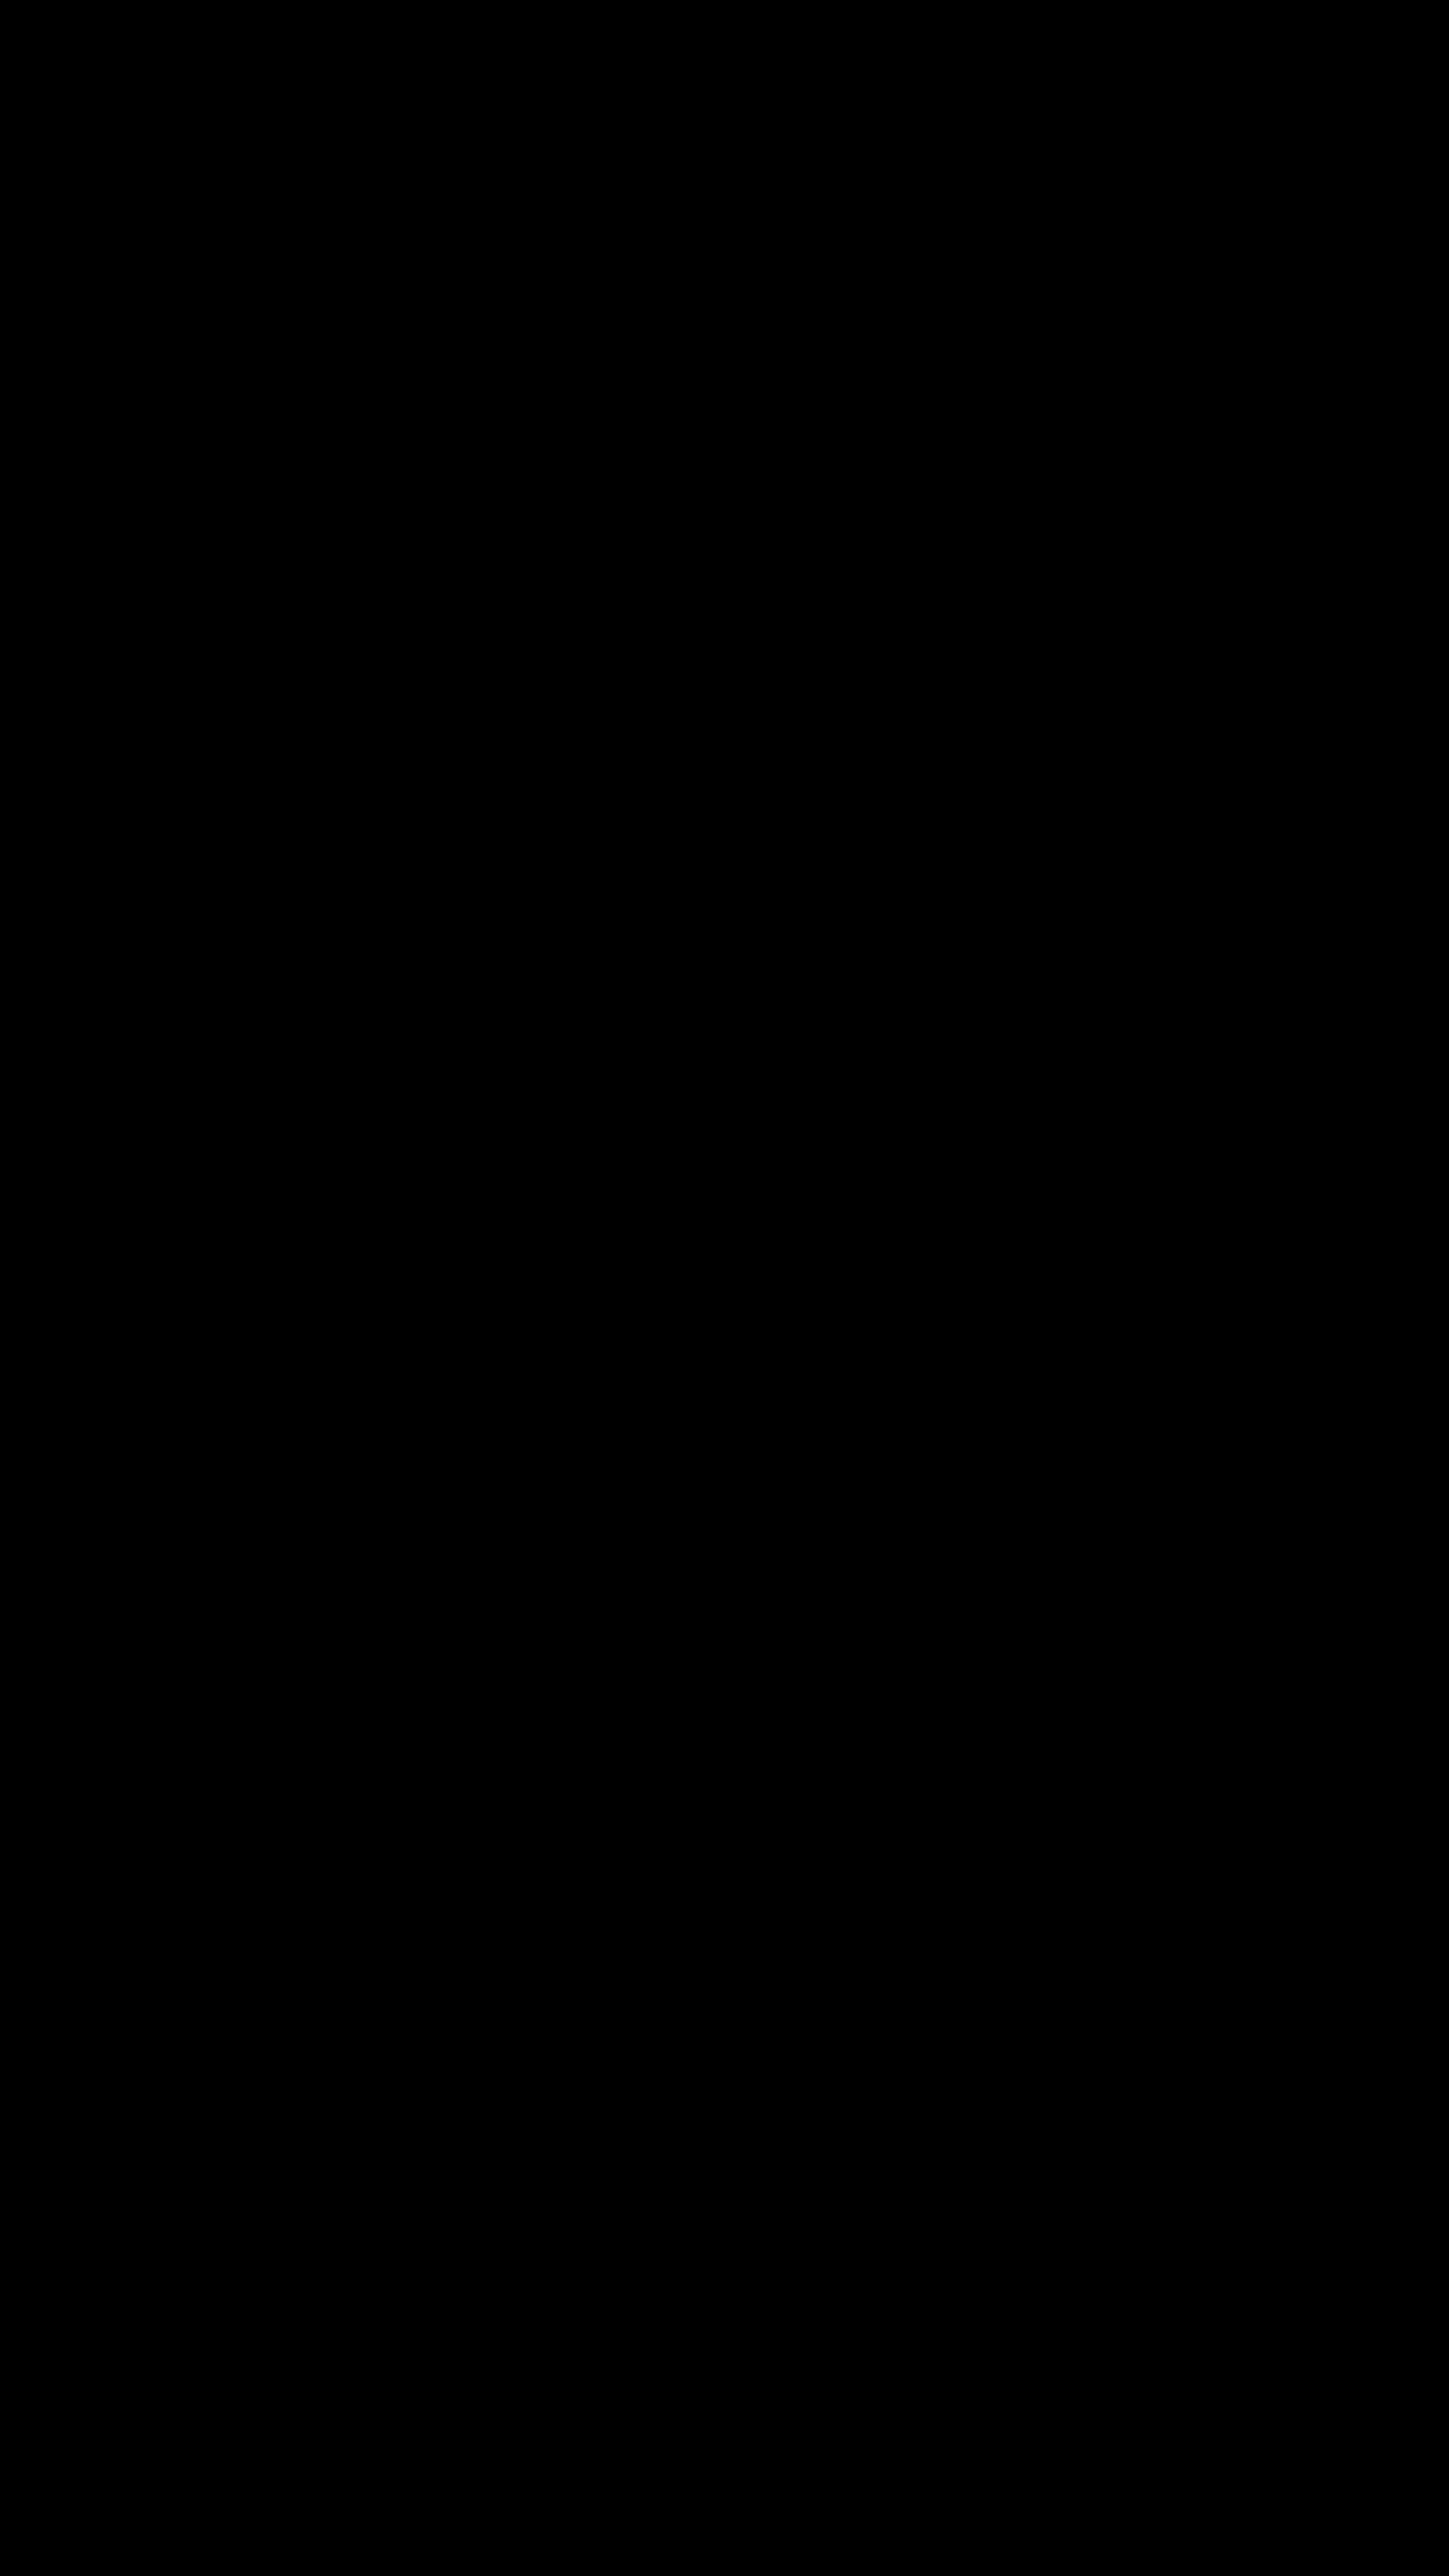 FERMETURE AUTOMNALE DE LA MAISON D'AUGUSTE COMTE – du 23 au 29 octobre 2018 inclus